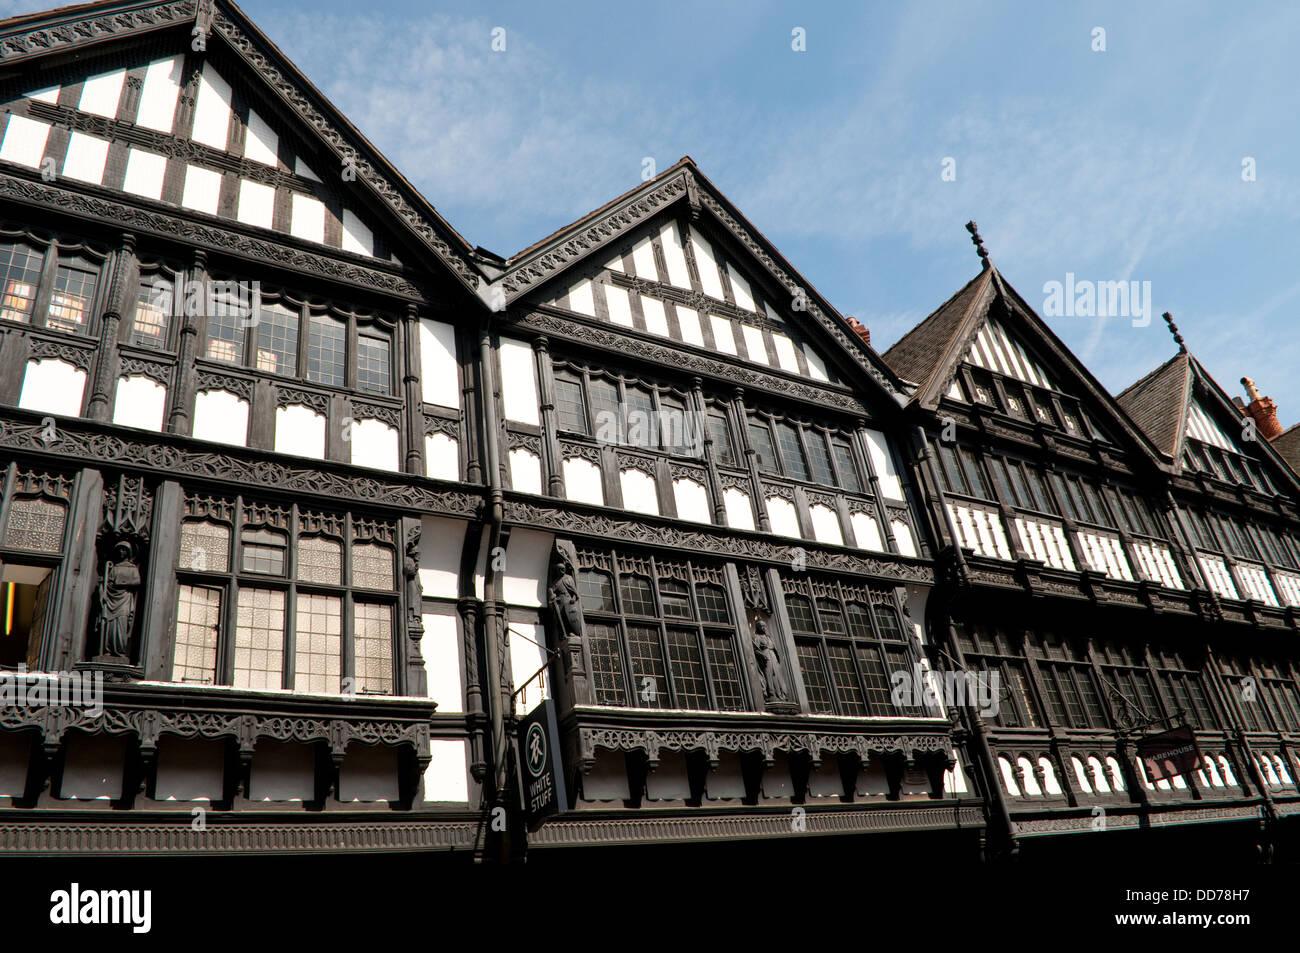 Historical mock Tudor houses, Eastgate Street, Chester, UK - Stock Image